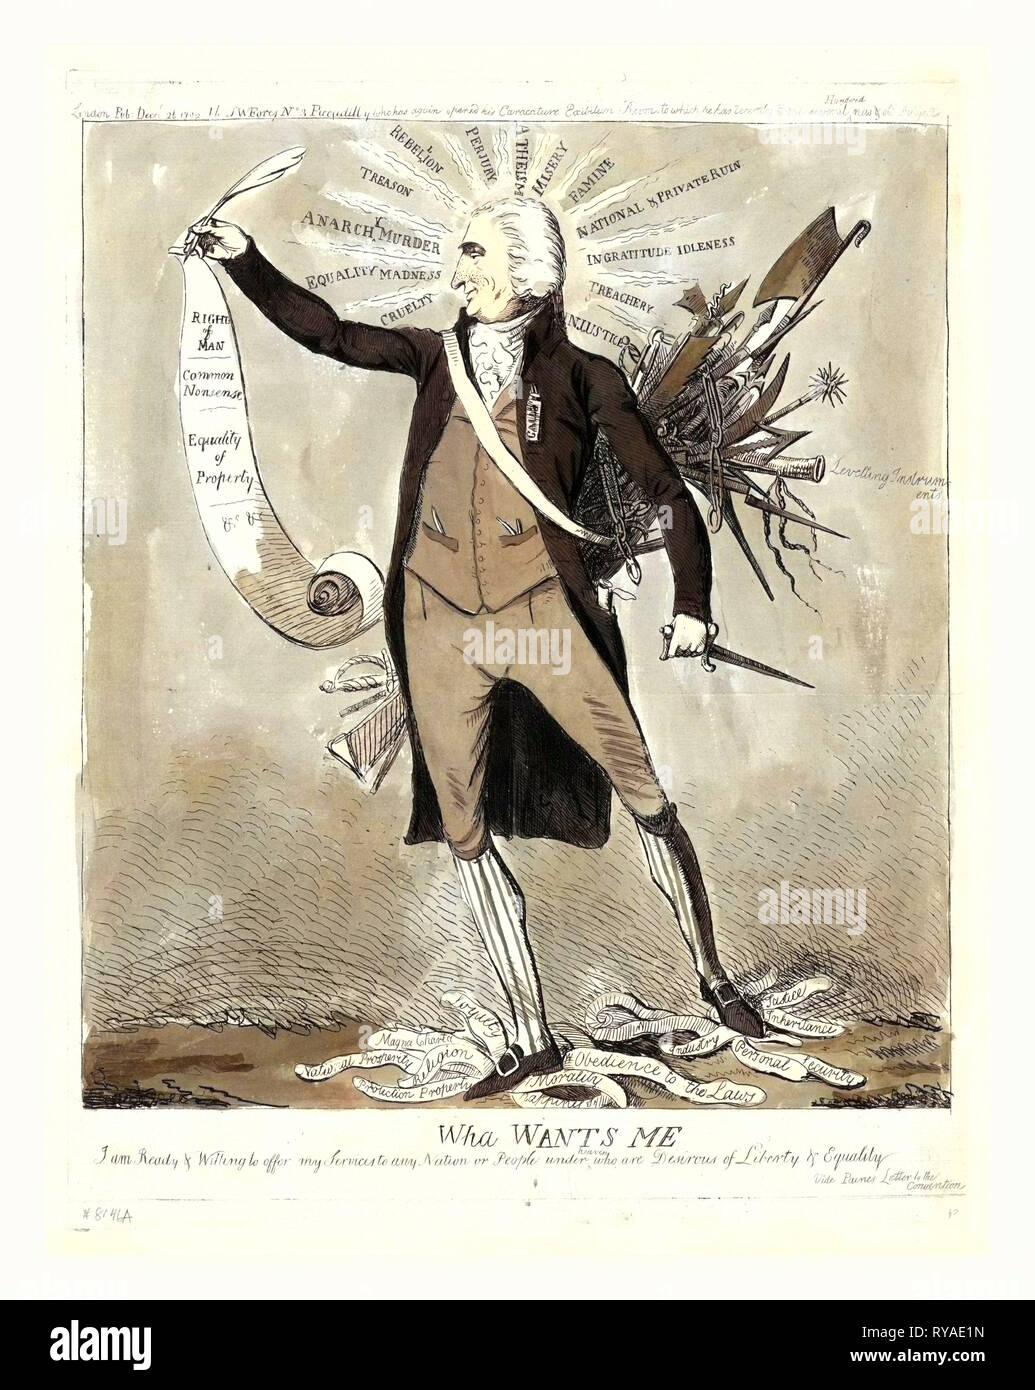 Wha mi vuole, Londra : 1792, incisione, Thomas Paine, completi, in piedi, rivolto verso sinistra, tenendo scorrere i diritti dell'uomo, circondato da ingiustizie e i piedi su etichette, che rappresentano i costumi e i giudici, difendendo le misure adottate in Francia rivoluzionaria e attraente per la lingua inglese per rovesciare la monarchia loro e organizzare una repubblica Immagini Stock